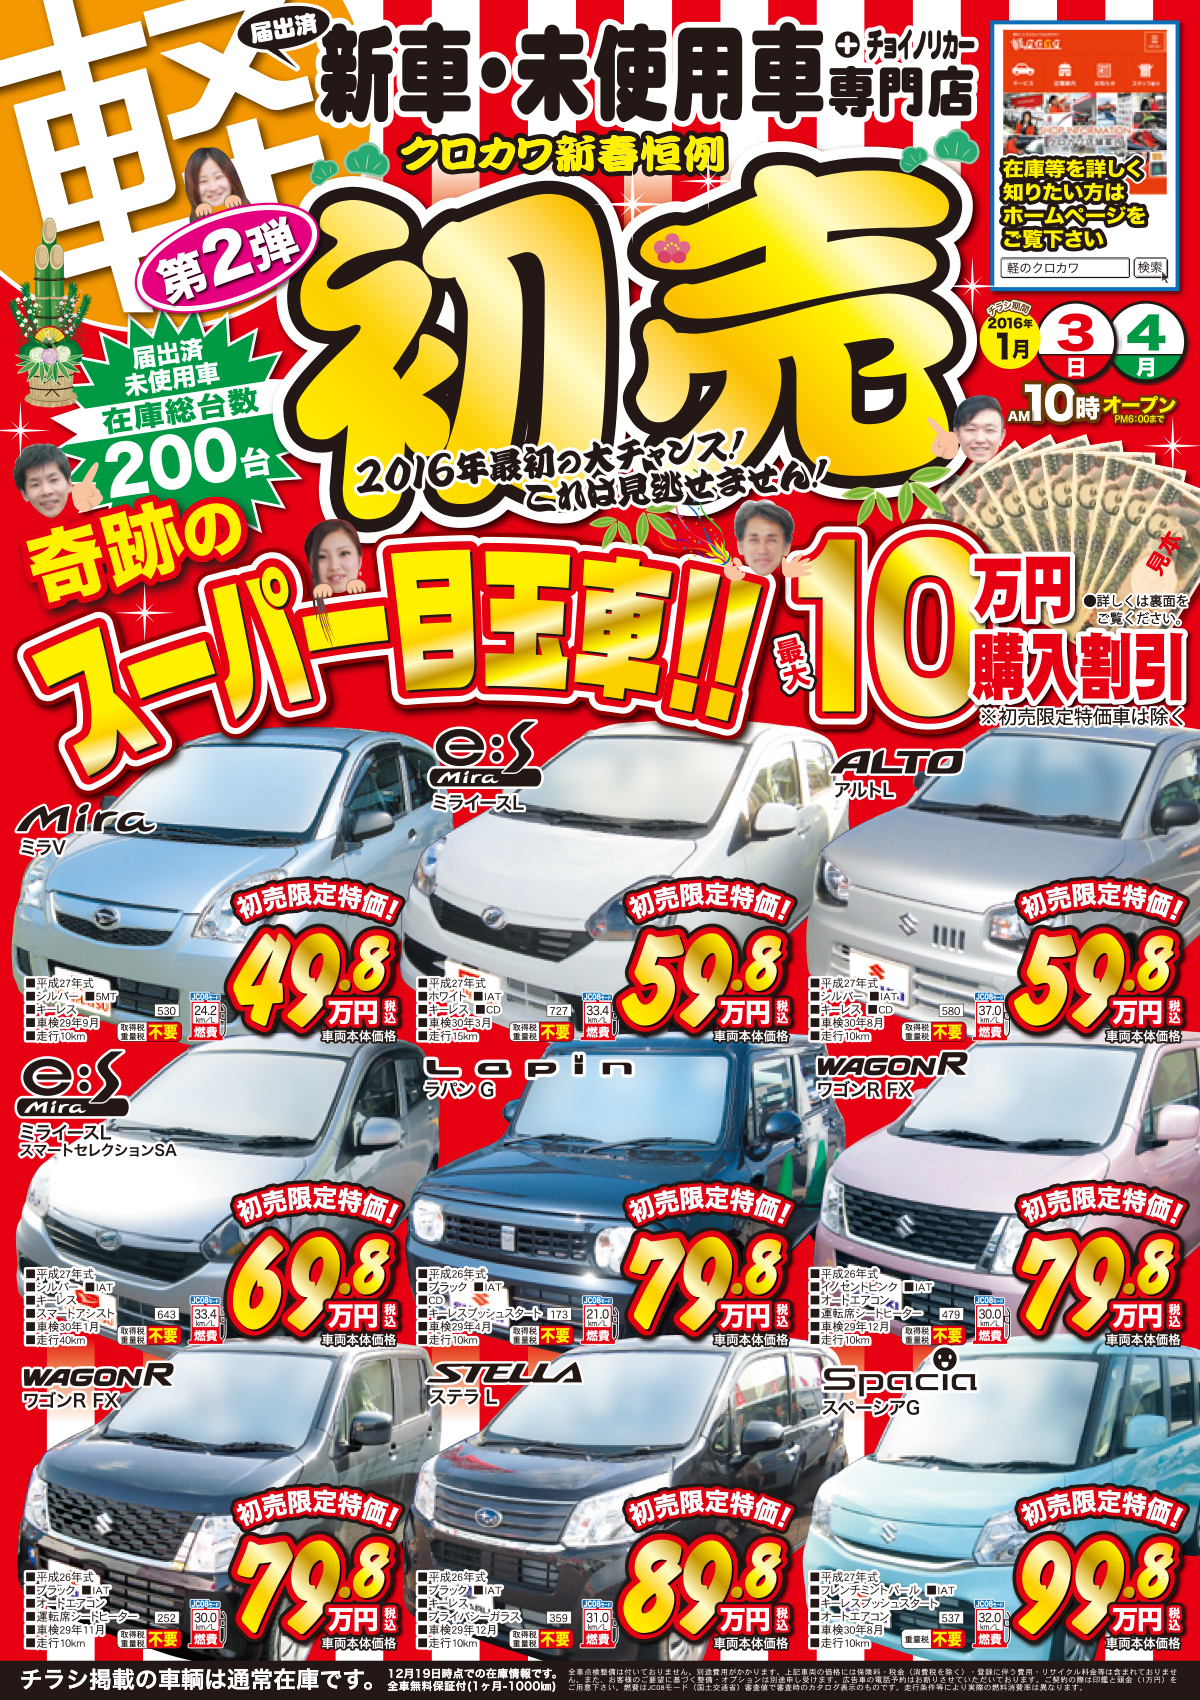 初売第2弾!奇跡のスーパー目玉車!最大10万円の購入割引!